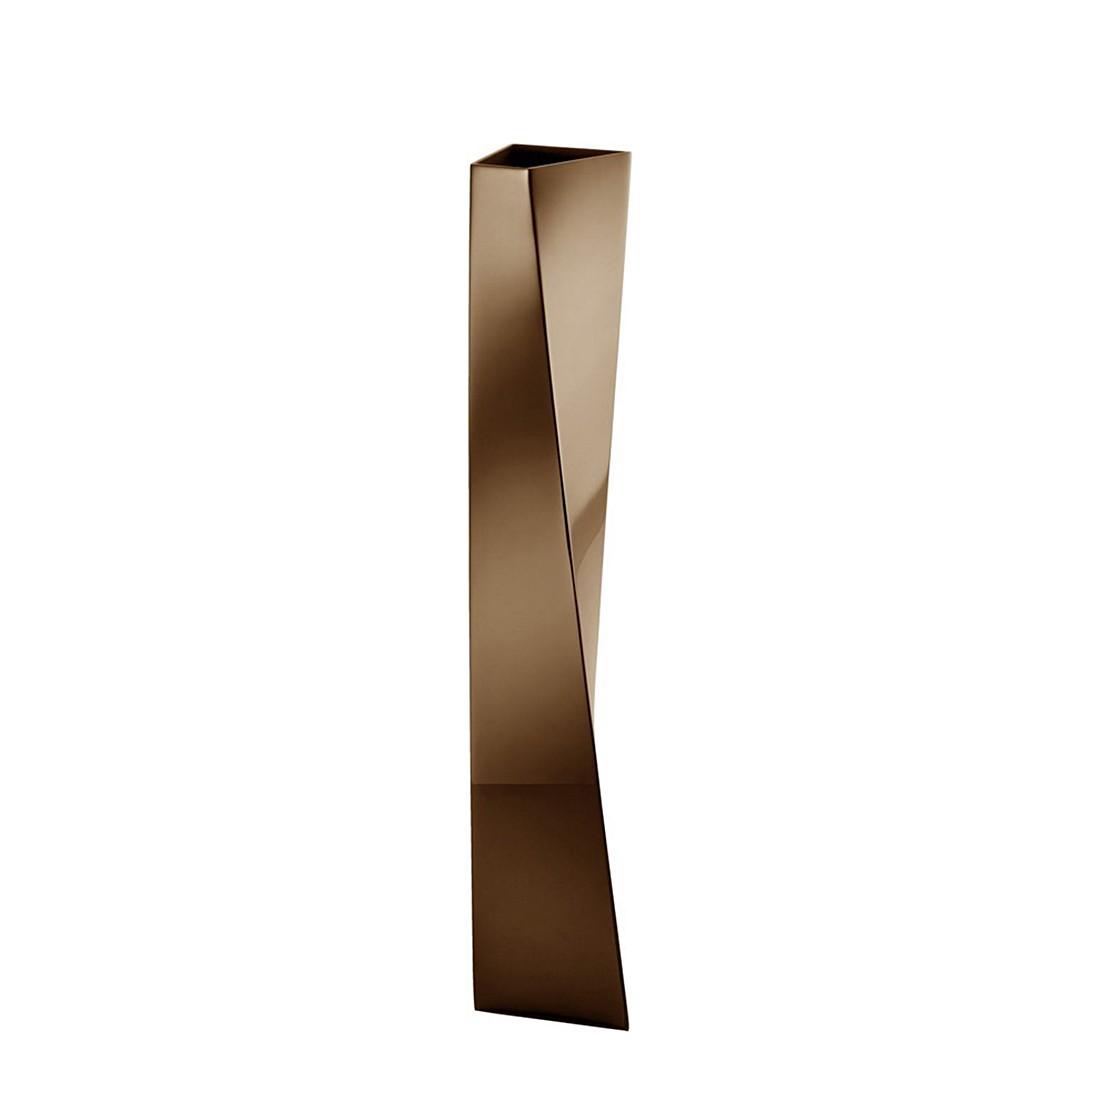 Blumenvase Crevasse – Brown Metal, Alessi online bestellen